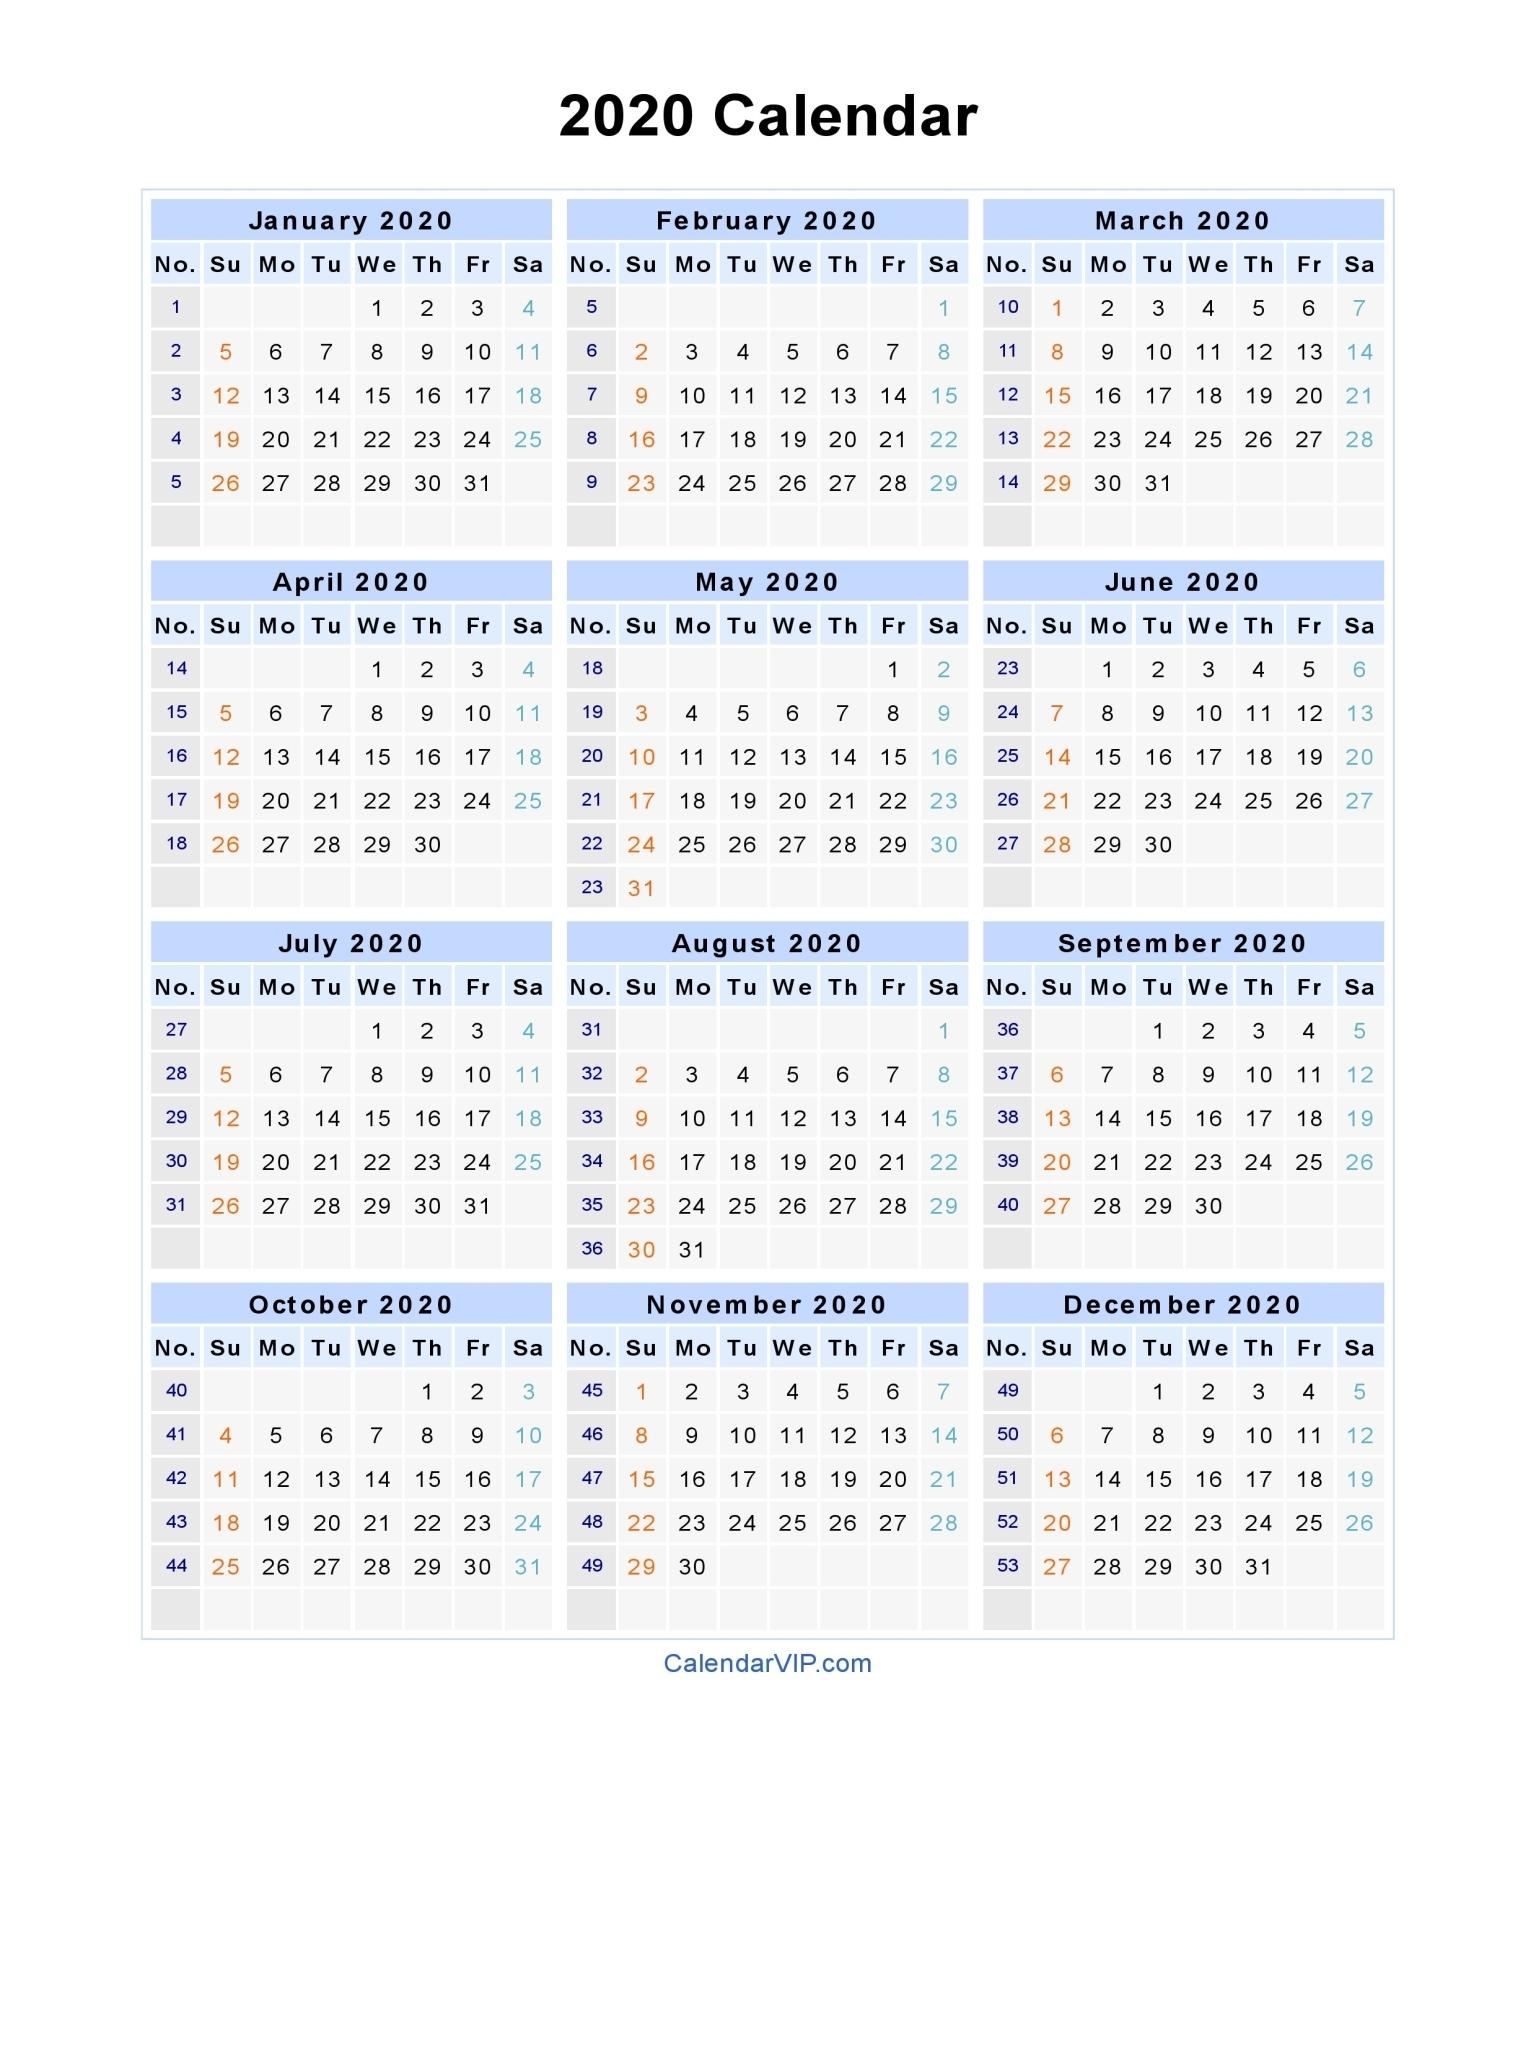 2020 Calendar – Blank Printable Calendar Template In Pdf Word Excel